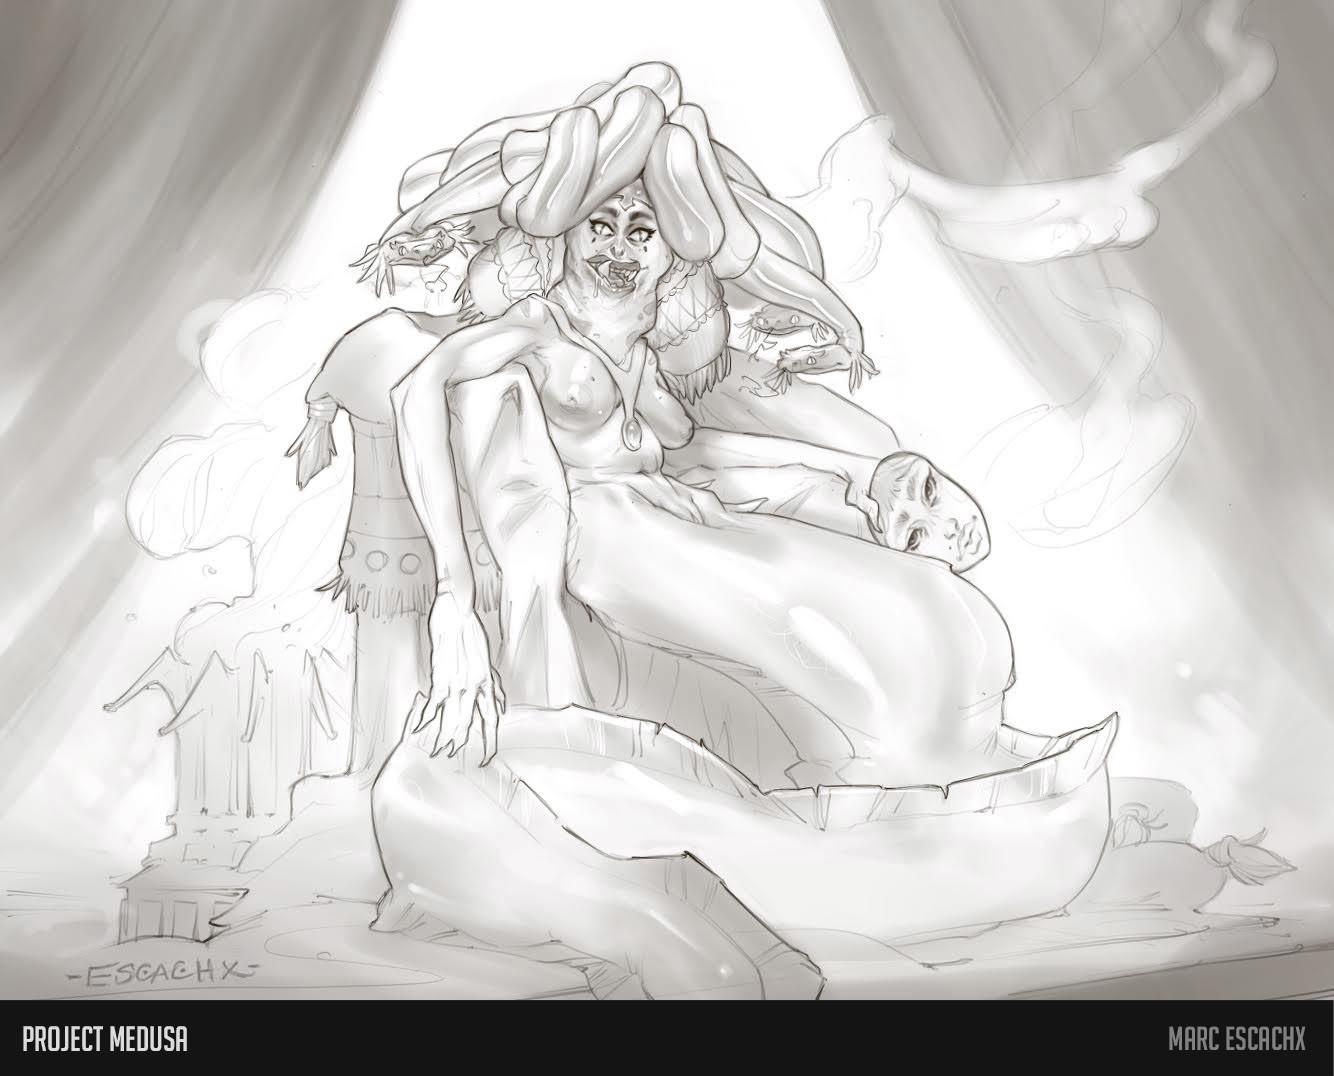 Unmasked medusa concept